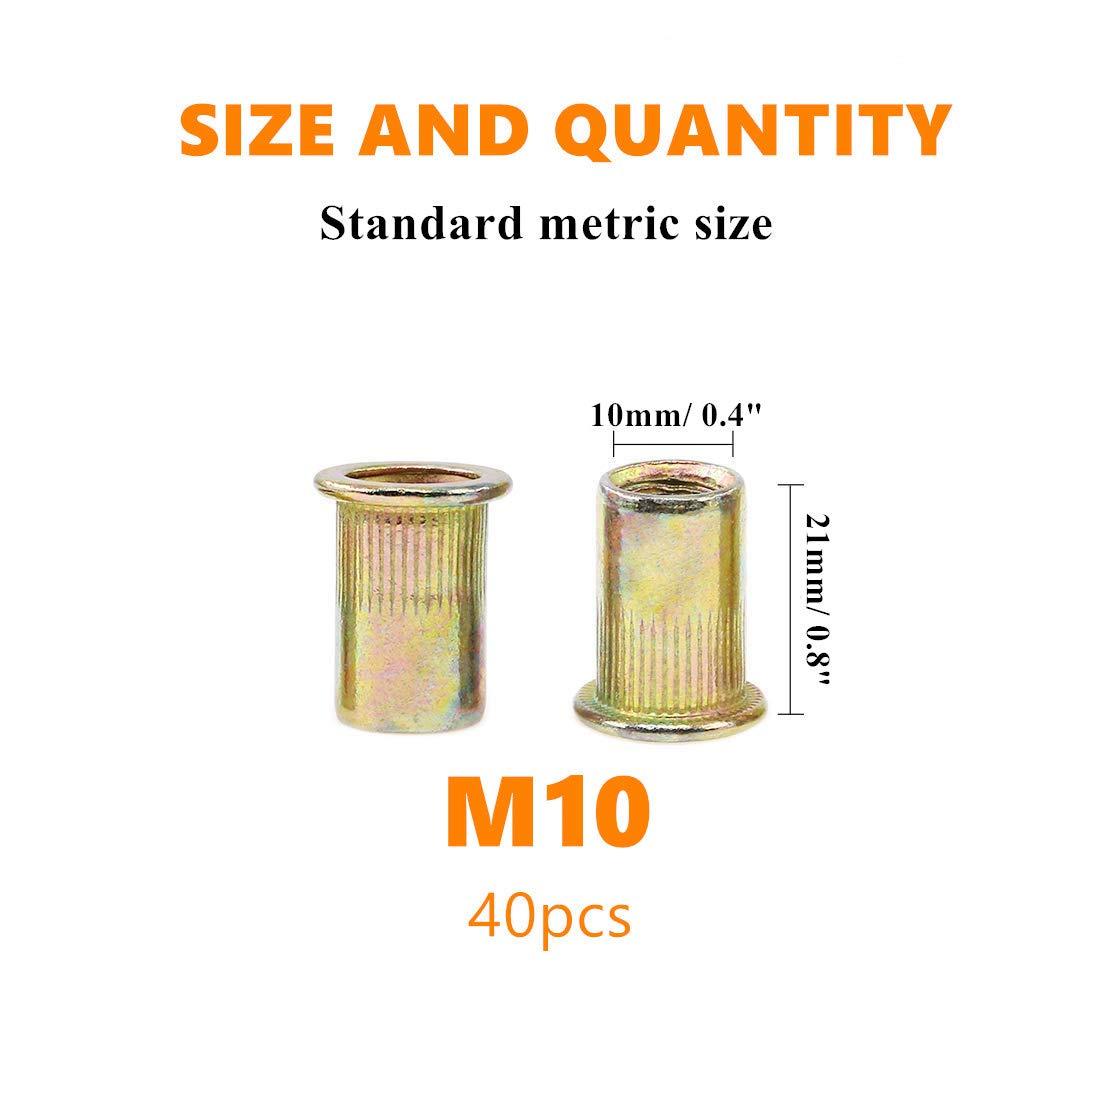 40Pcs Rivet Nut Zinc Plated Carbon Steel M10 Flat Head Standard Metric Threaded Insert Rivetnut New168